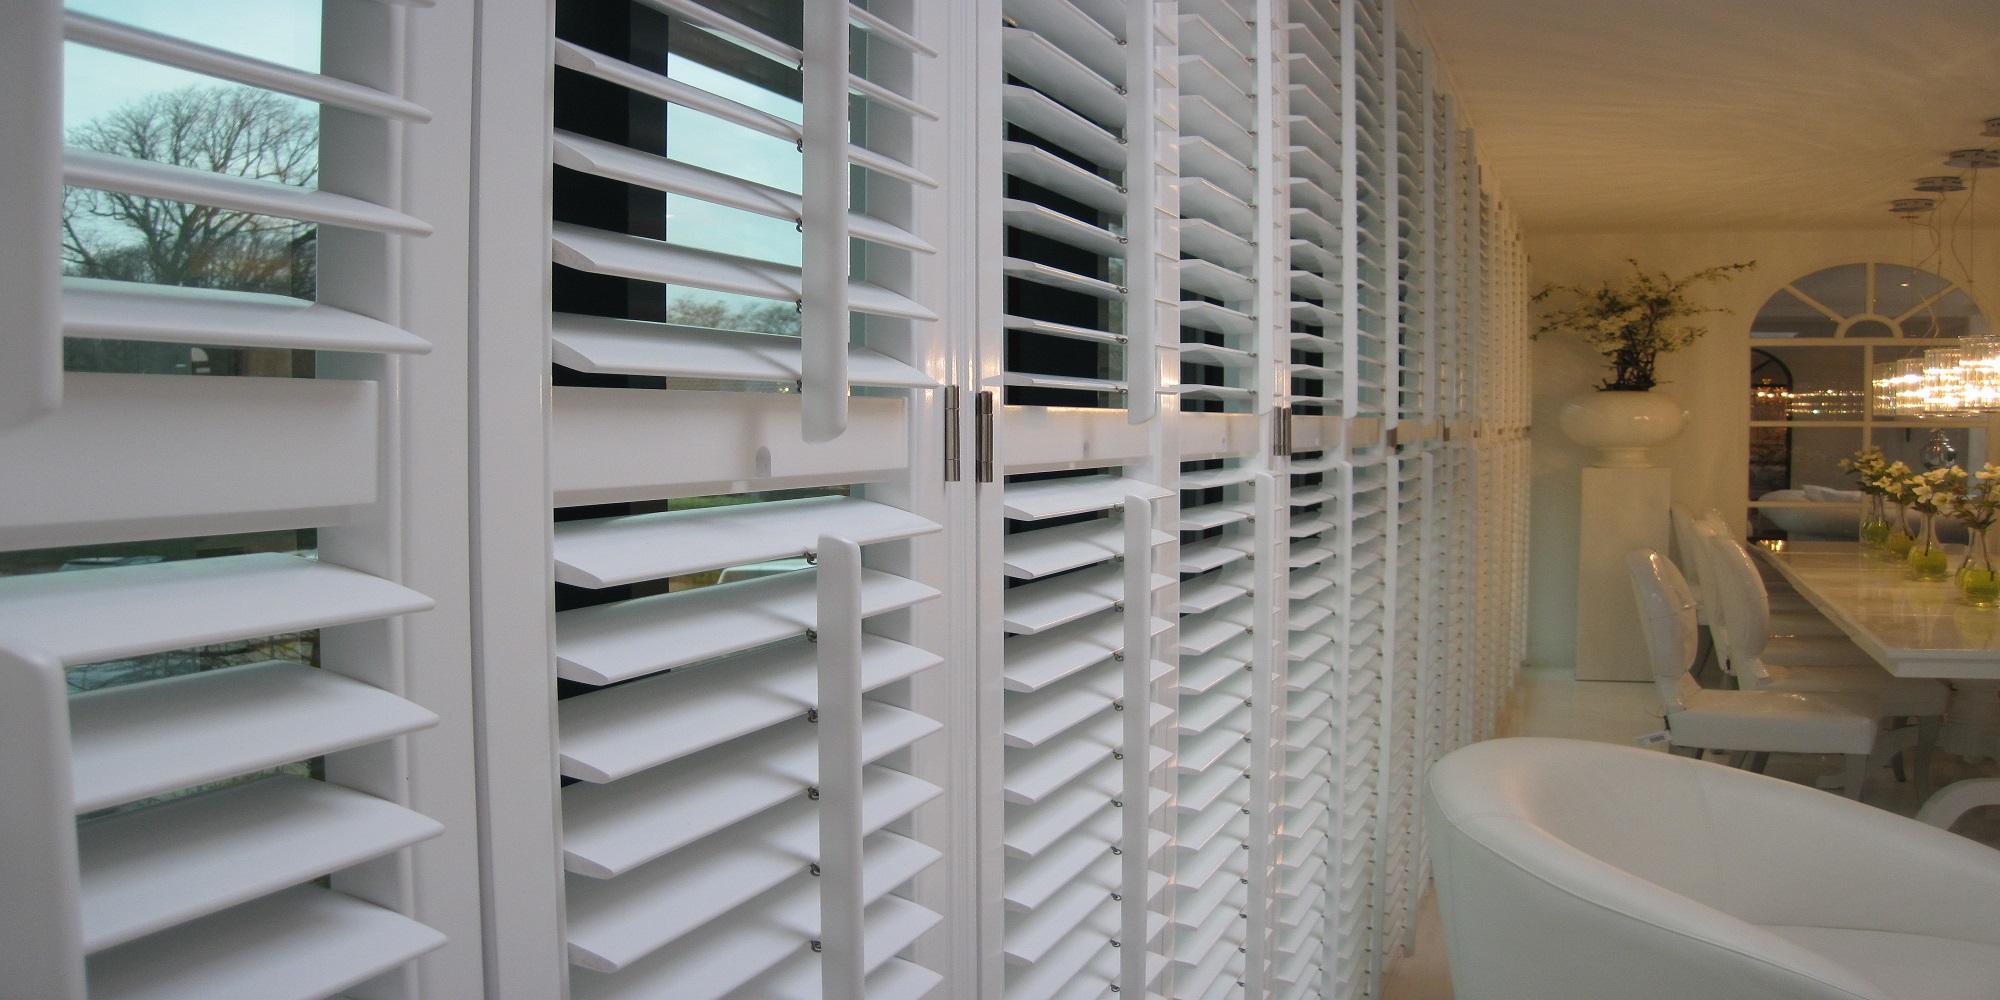 Woonkamer Raamdecoratie : RDL Decodesign Raamdecoratie op maat Woon ...